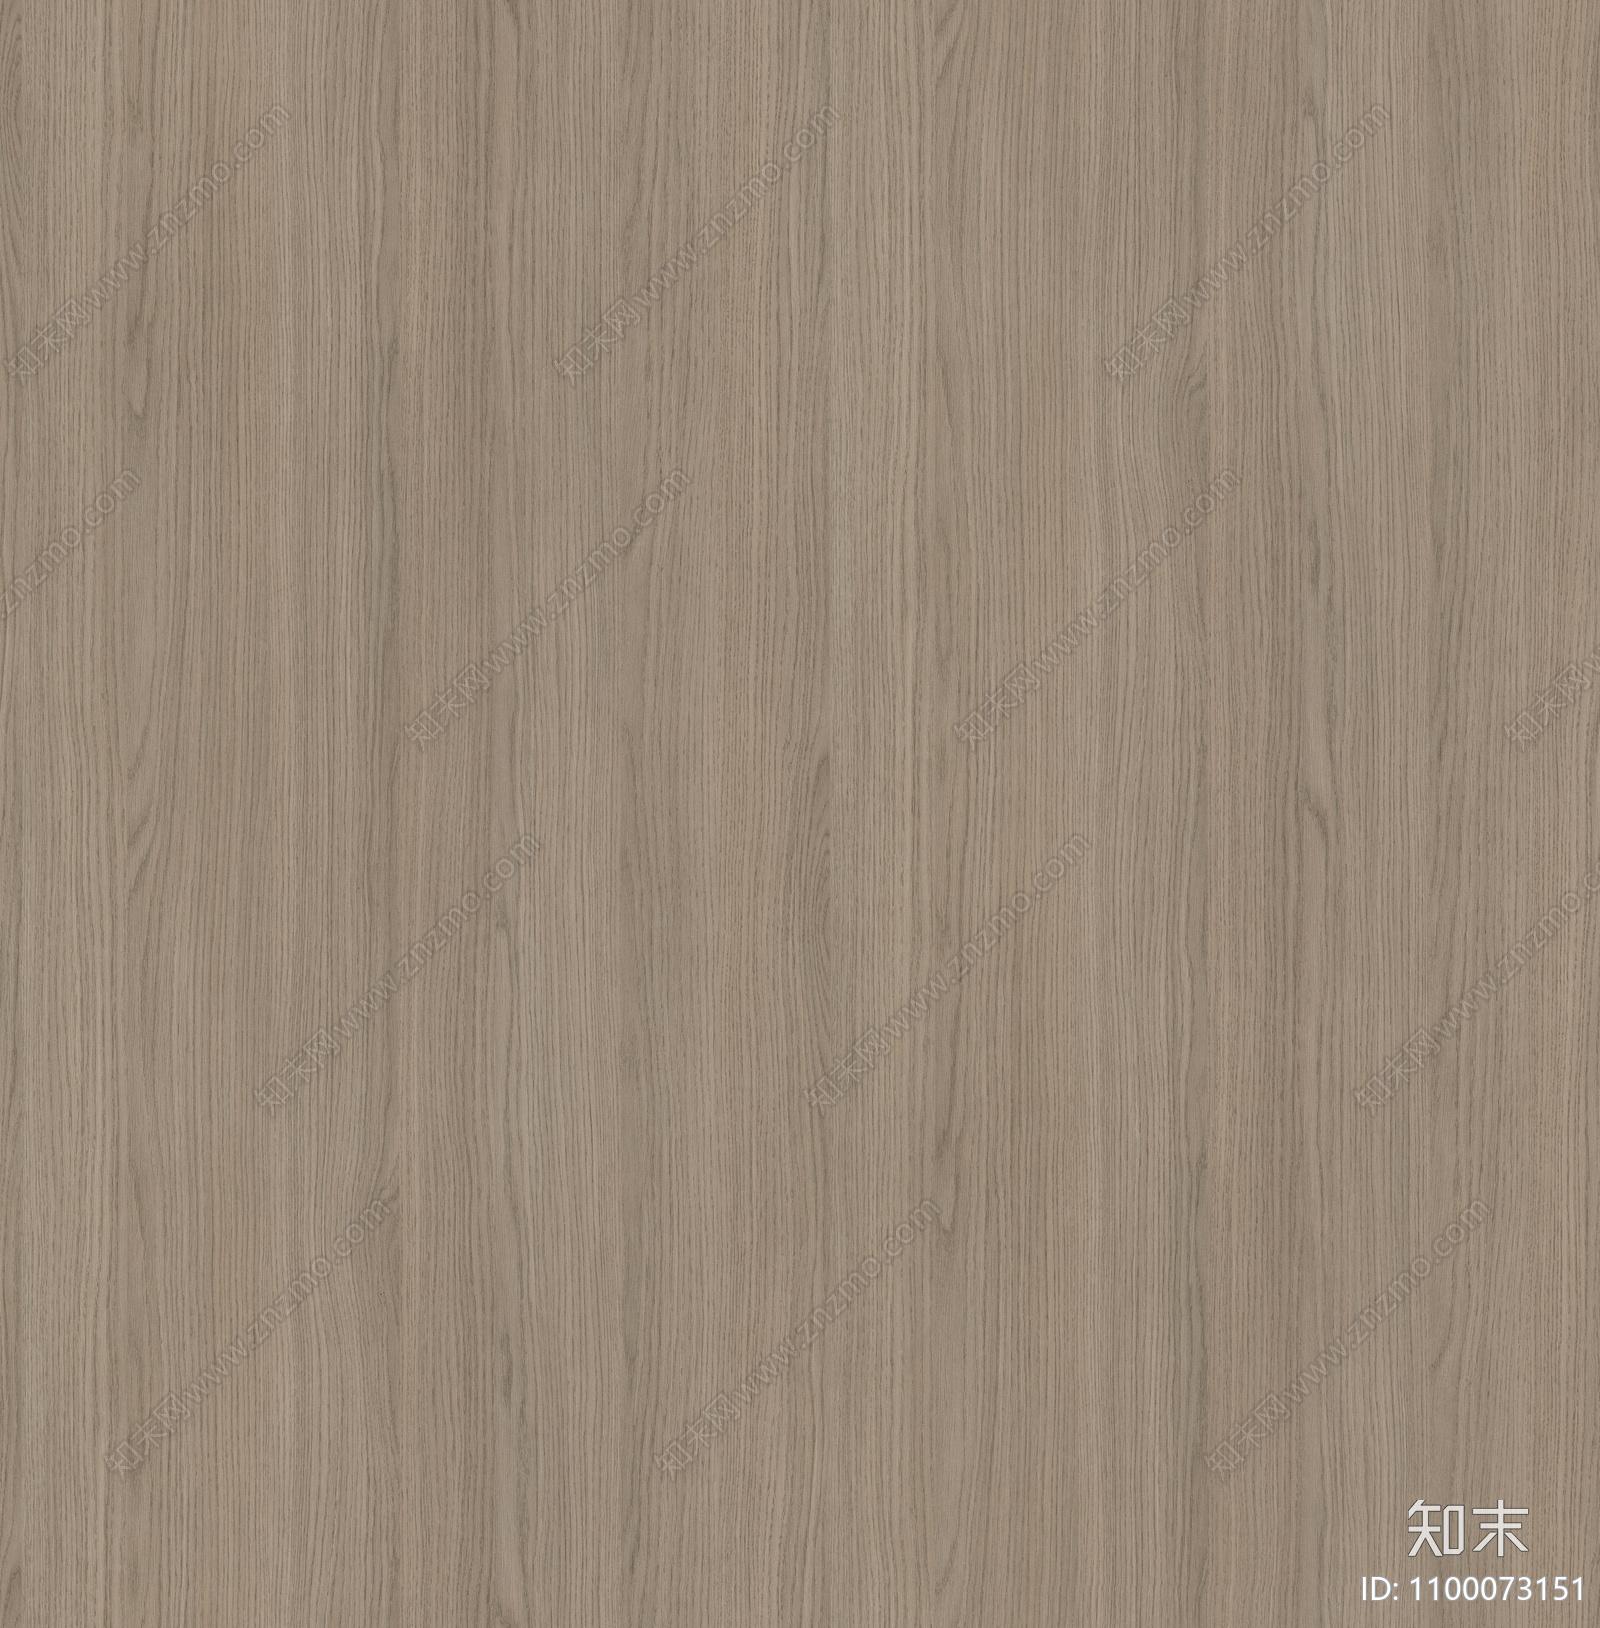 高清木纹贴图贴图下载【ID:1100073151】